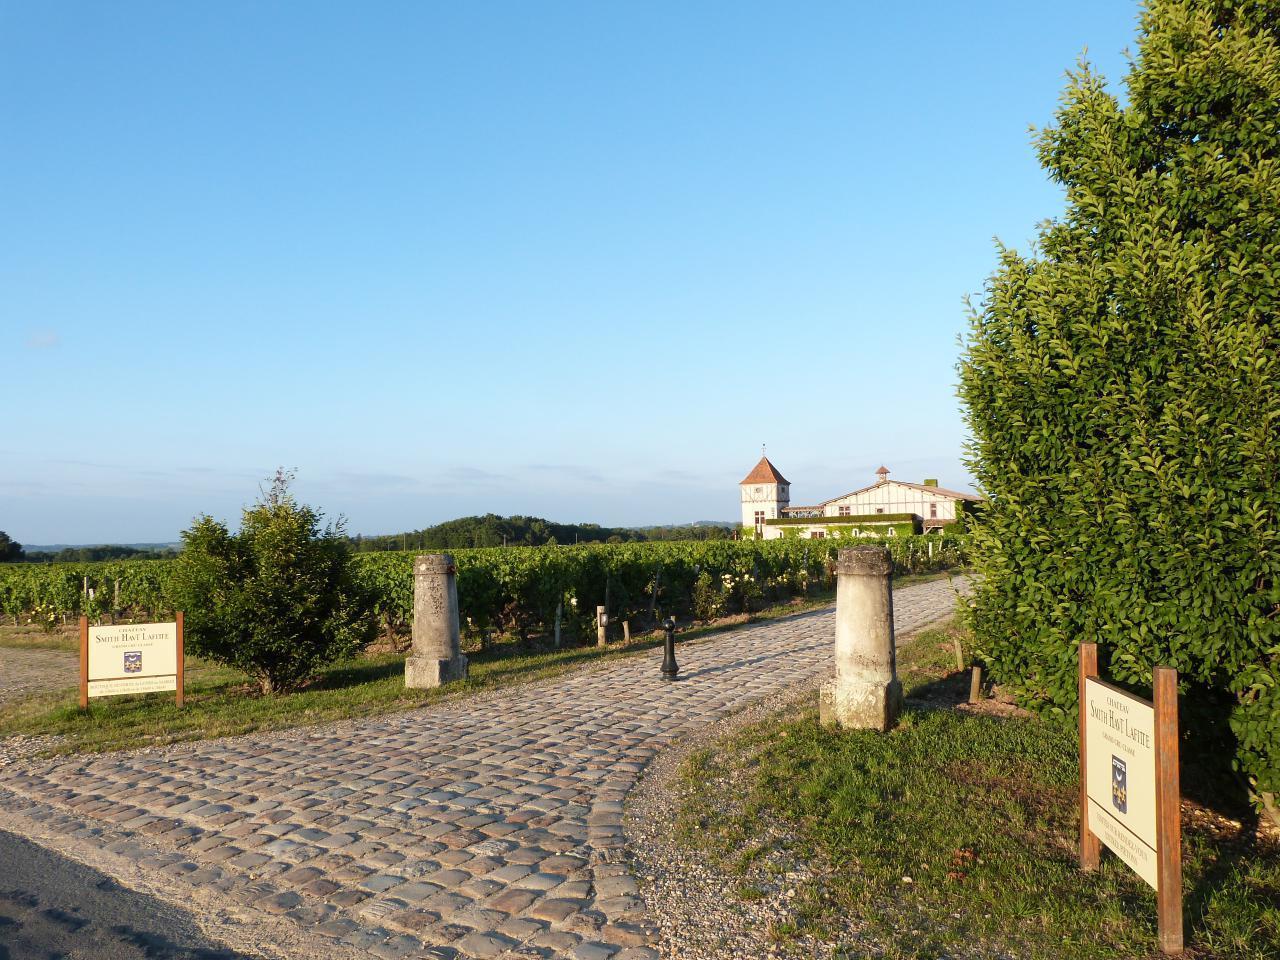 Maison de vacances Exklusives Landhaus mit Top-Küche, beheizter Pool, Naturgarten, unweit von St. Emilion, Bo (1040506), Martillac, Gironde, Aquitaine, France, image 47